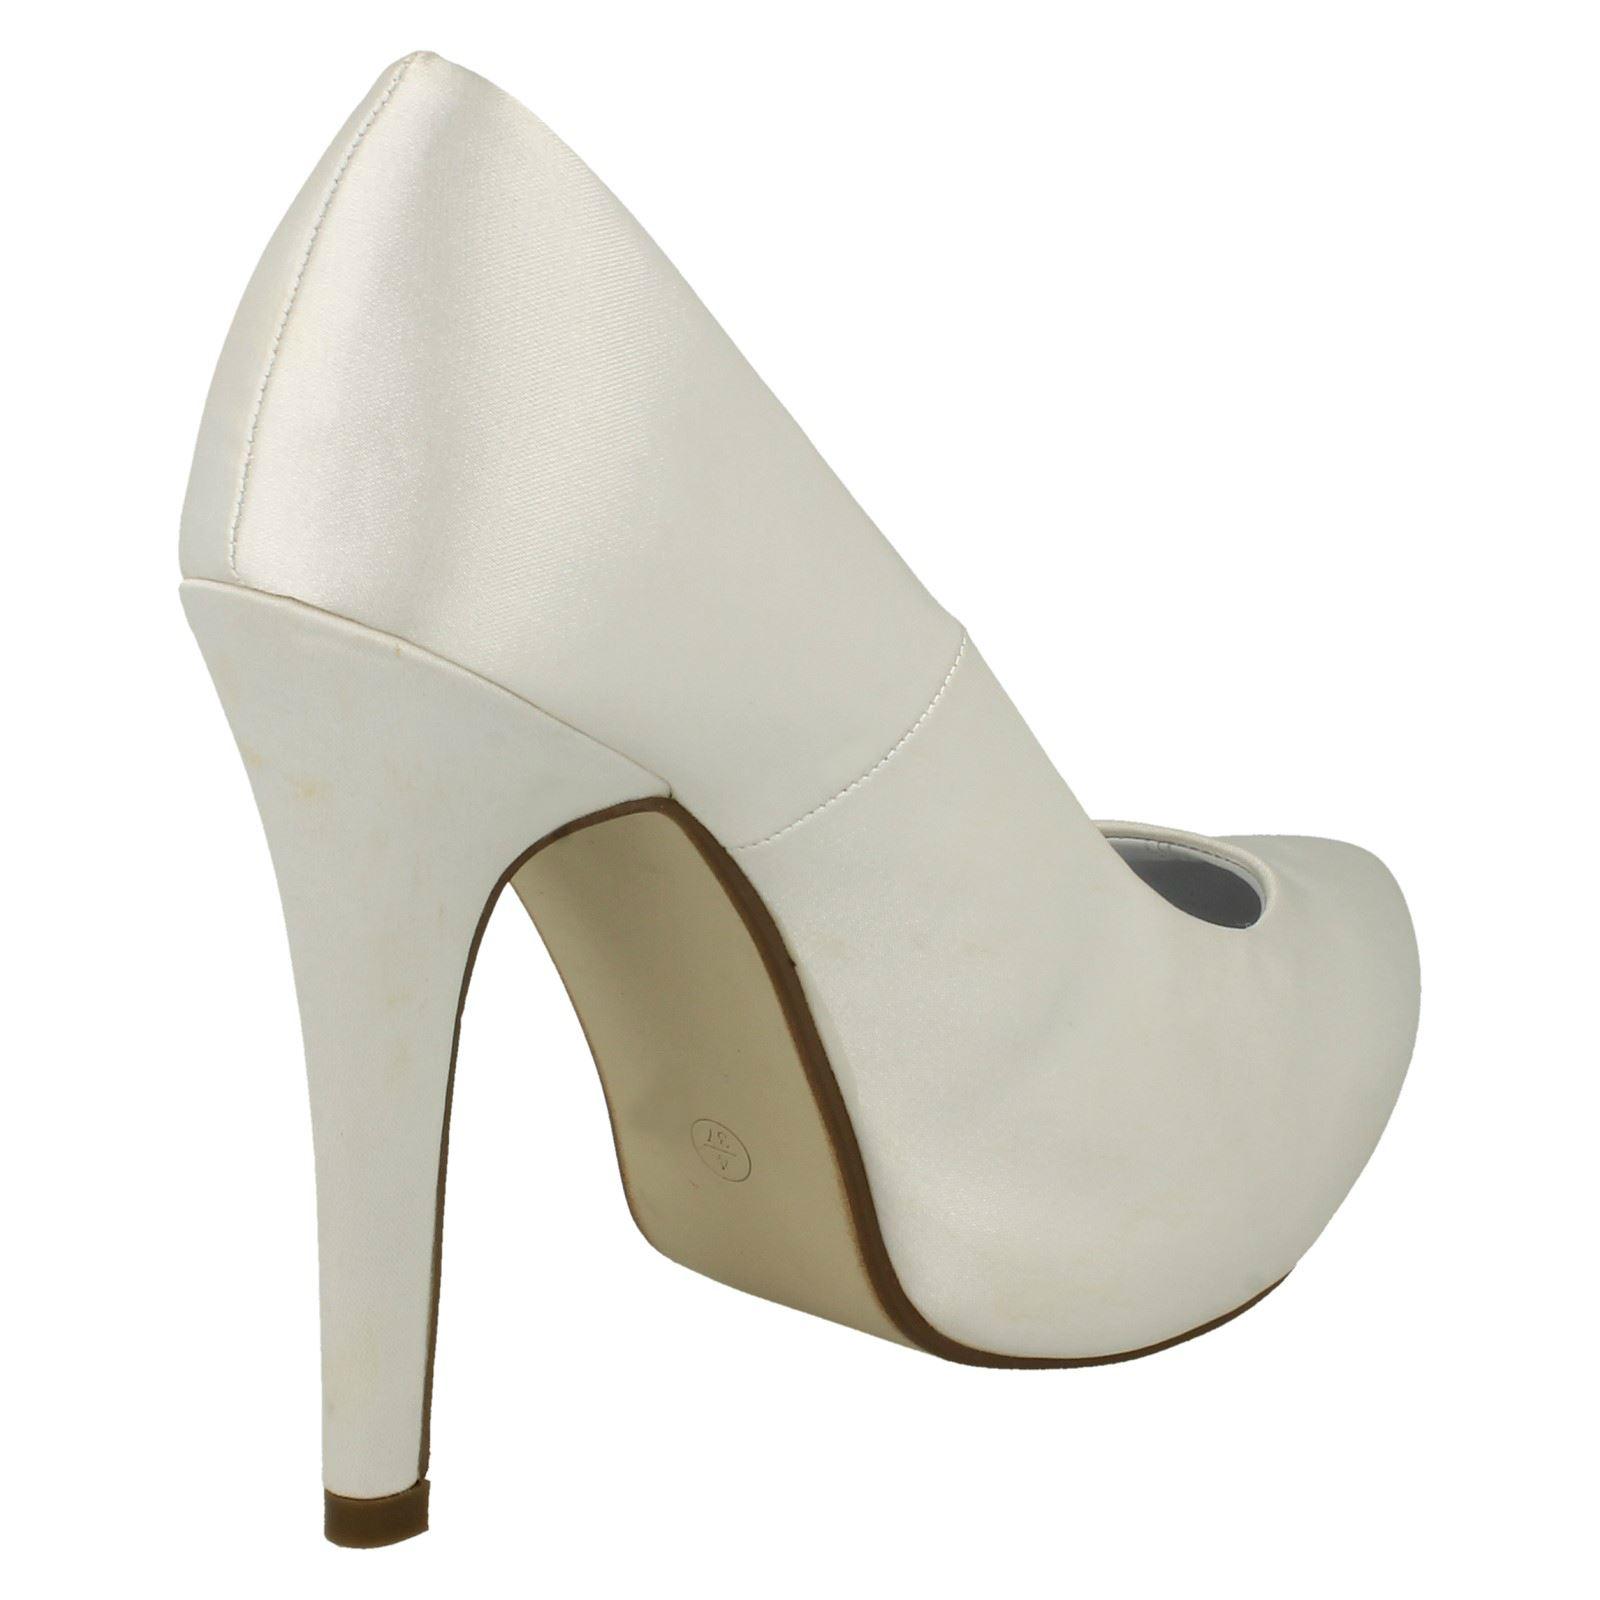 Ladies Anne Michelle Platform Wedding Shoes